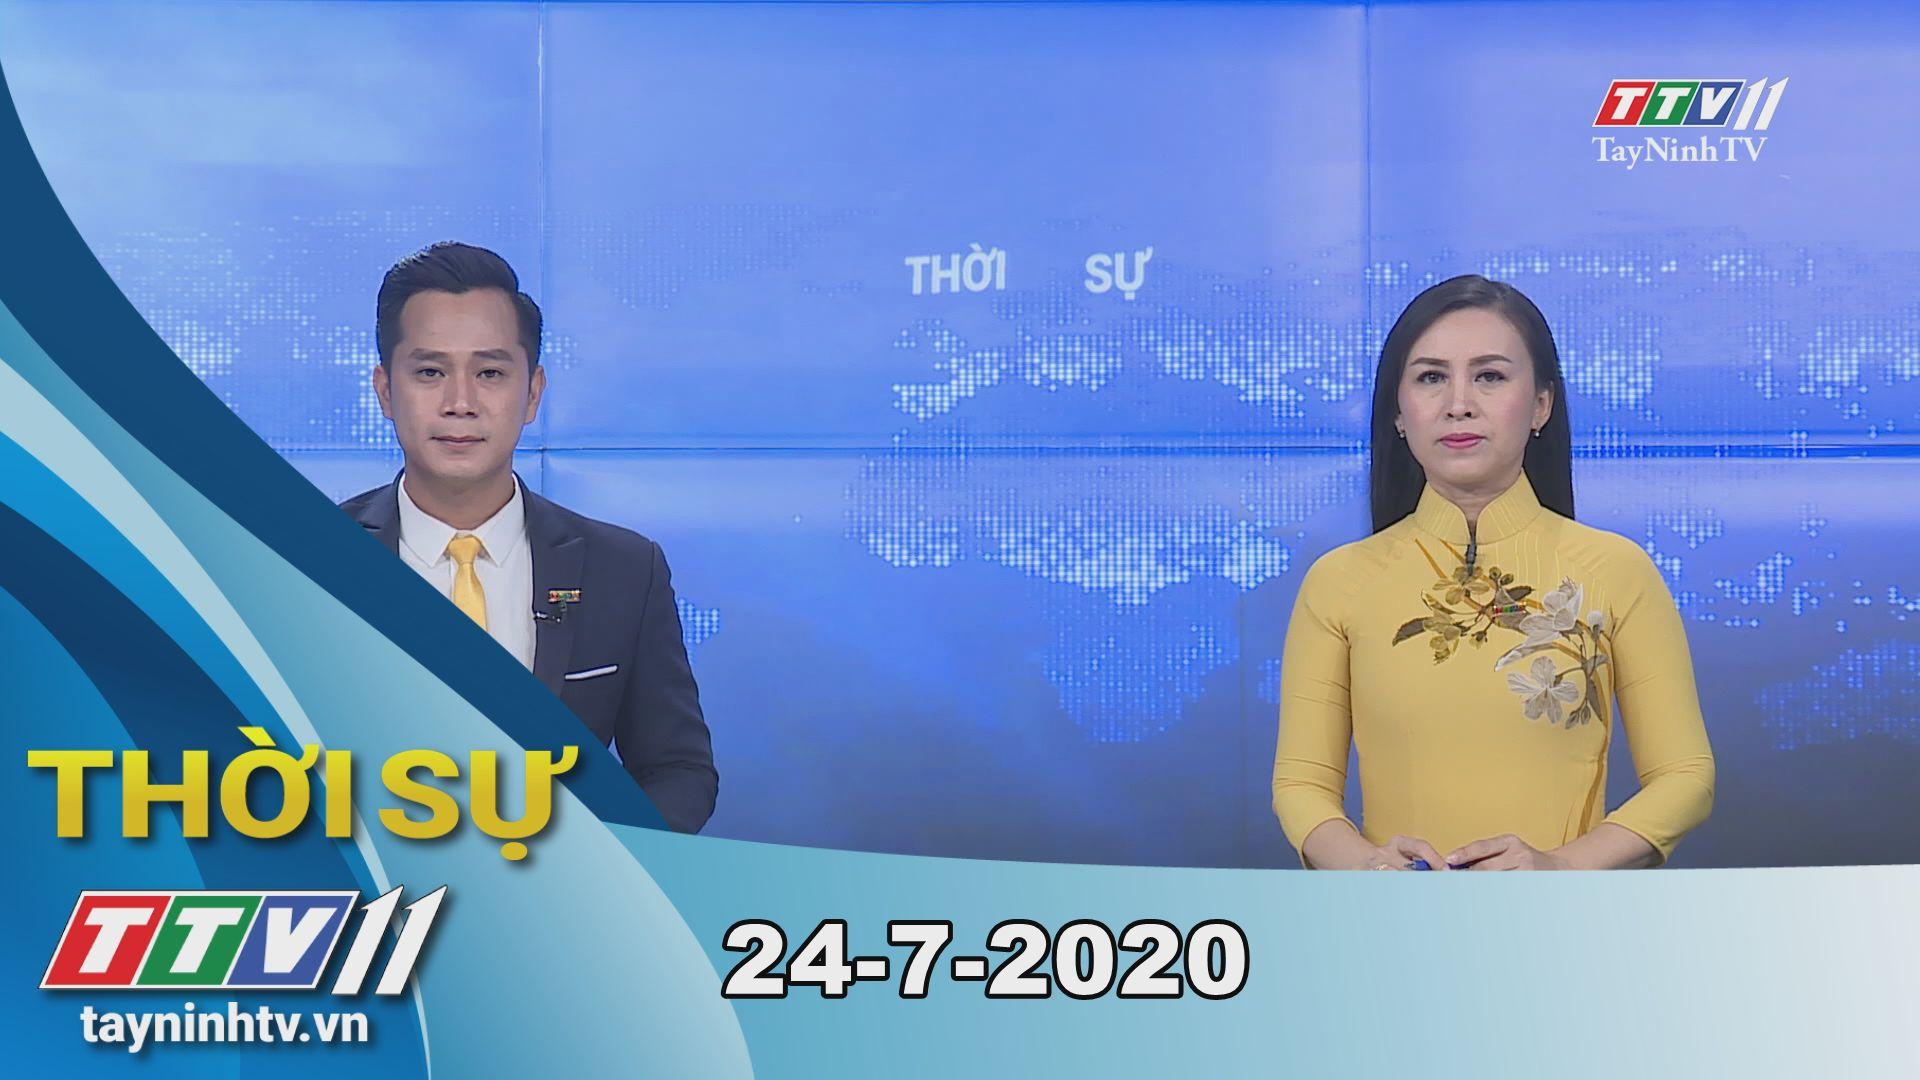 Thời sự Tây Ninh 24-7-2020 | Tin tức hôm nay | TayNinhTV